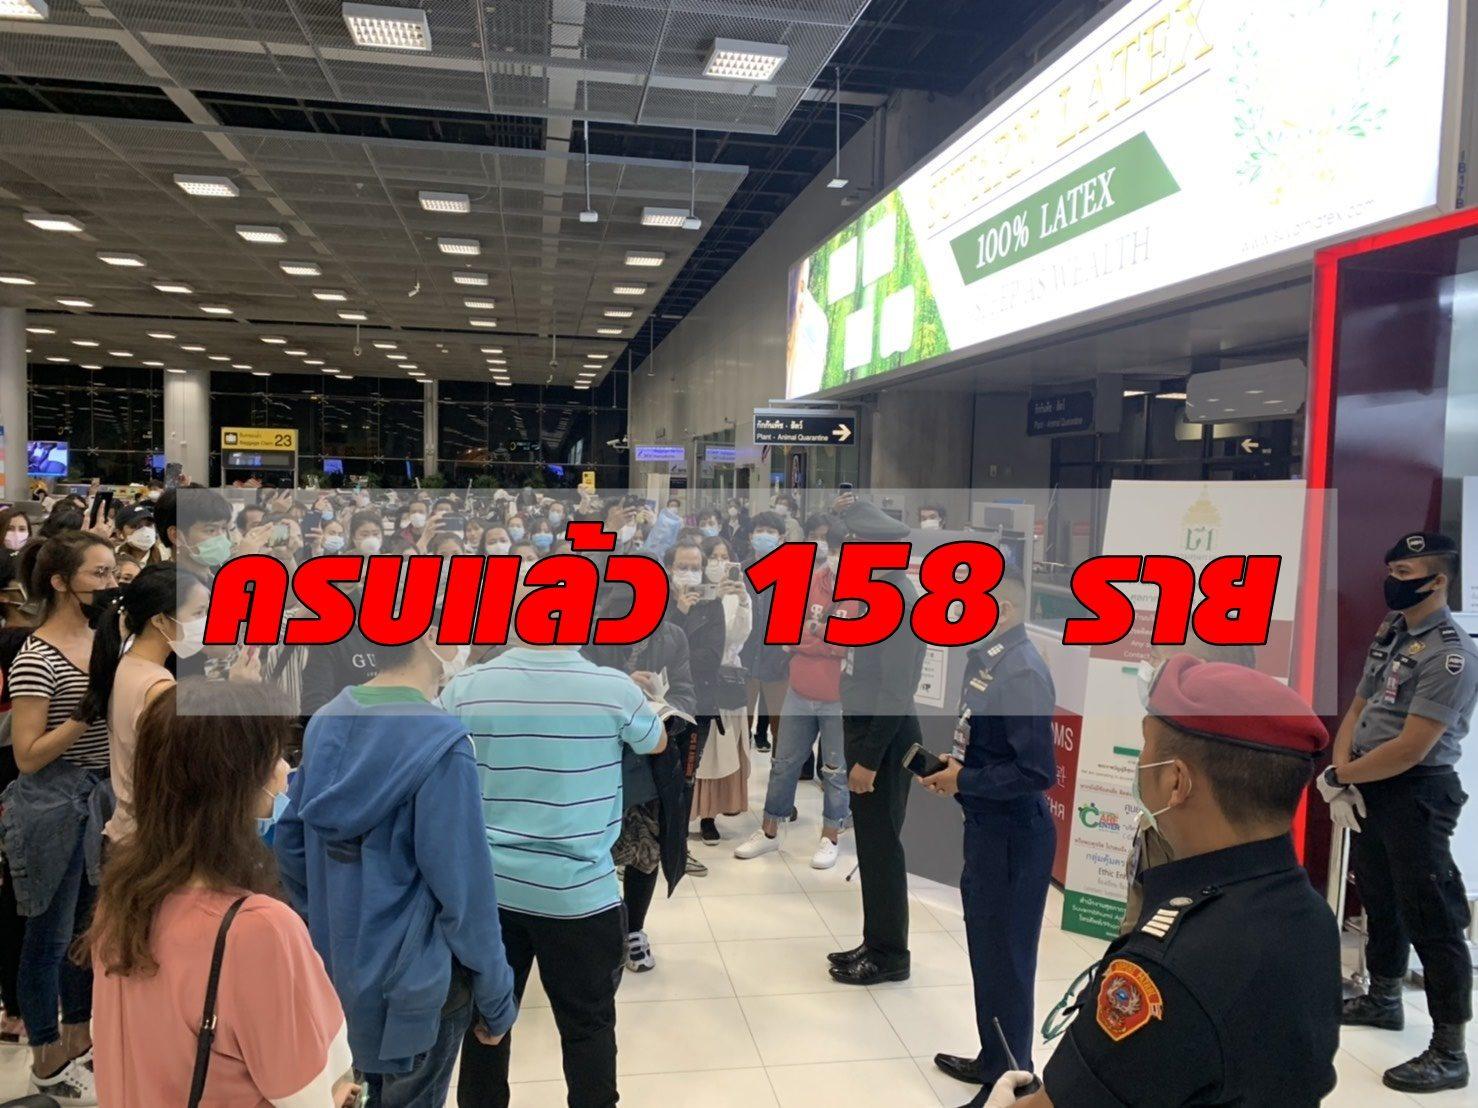 เผยคนไทยหนีกักตัว มารายงานตัวครบแล้ว 158 ราย